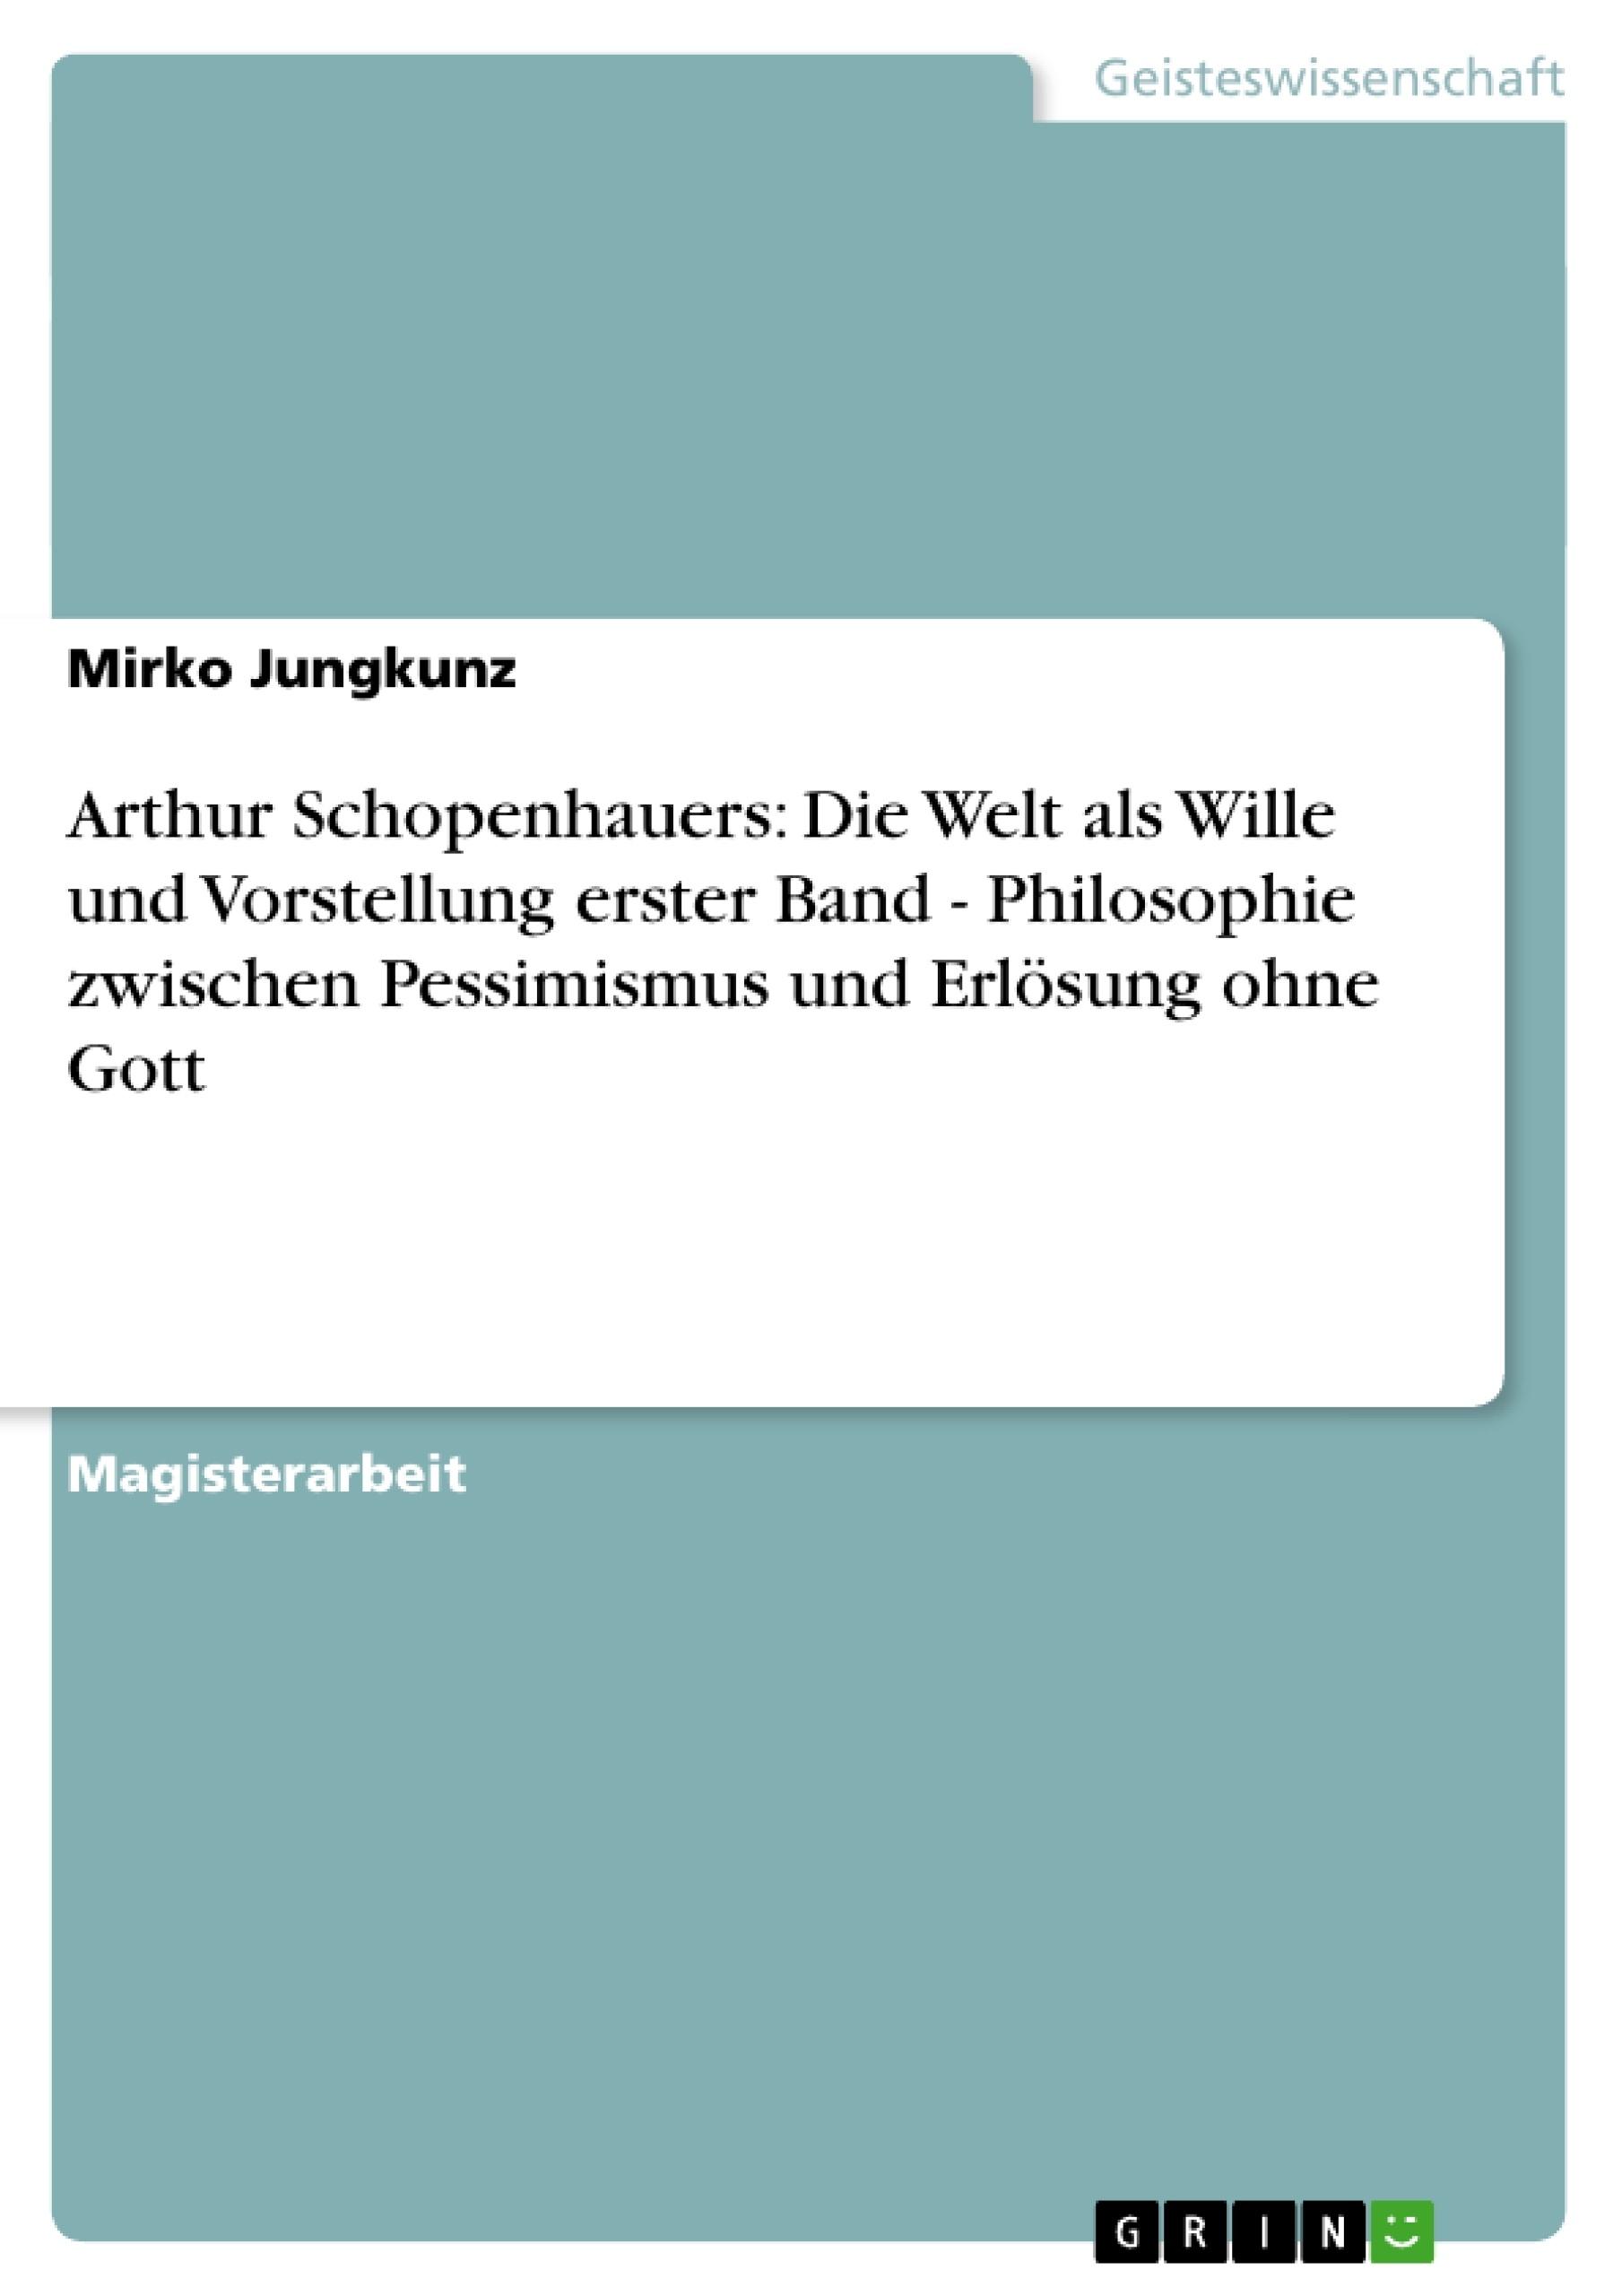 Titel: Arthur Schopenhauers: Die Welt als Wille und Vorstellung erster Band - Philosophie zwischen Pessimismus und Erlösung ohne Gott